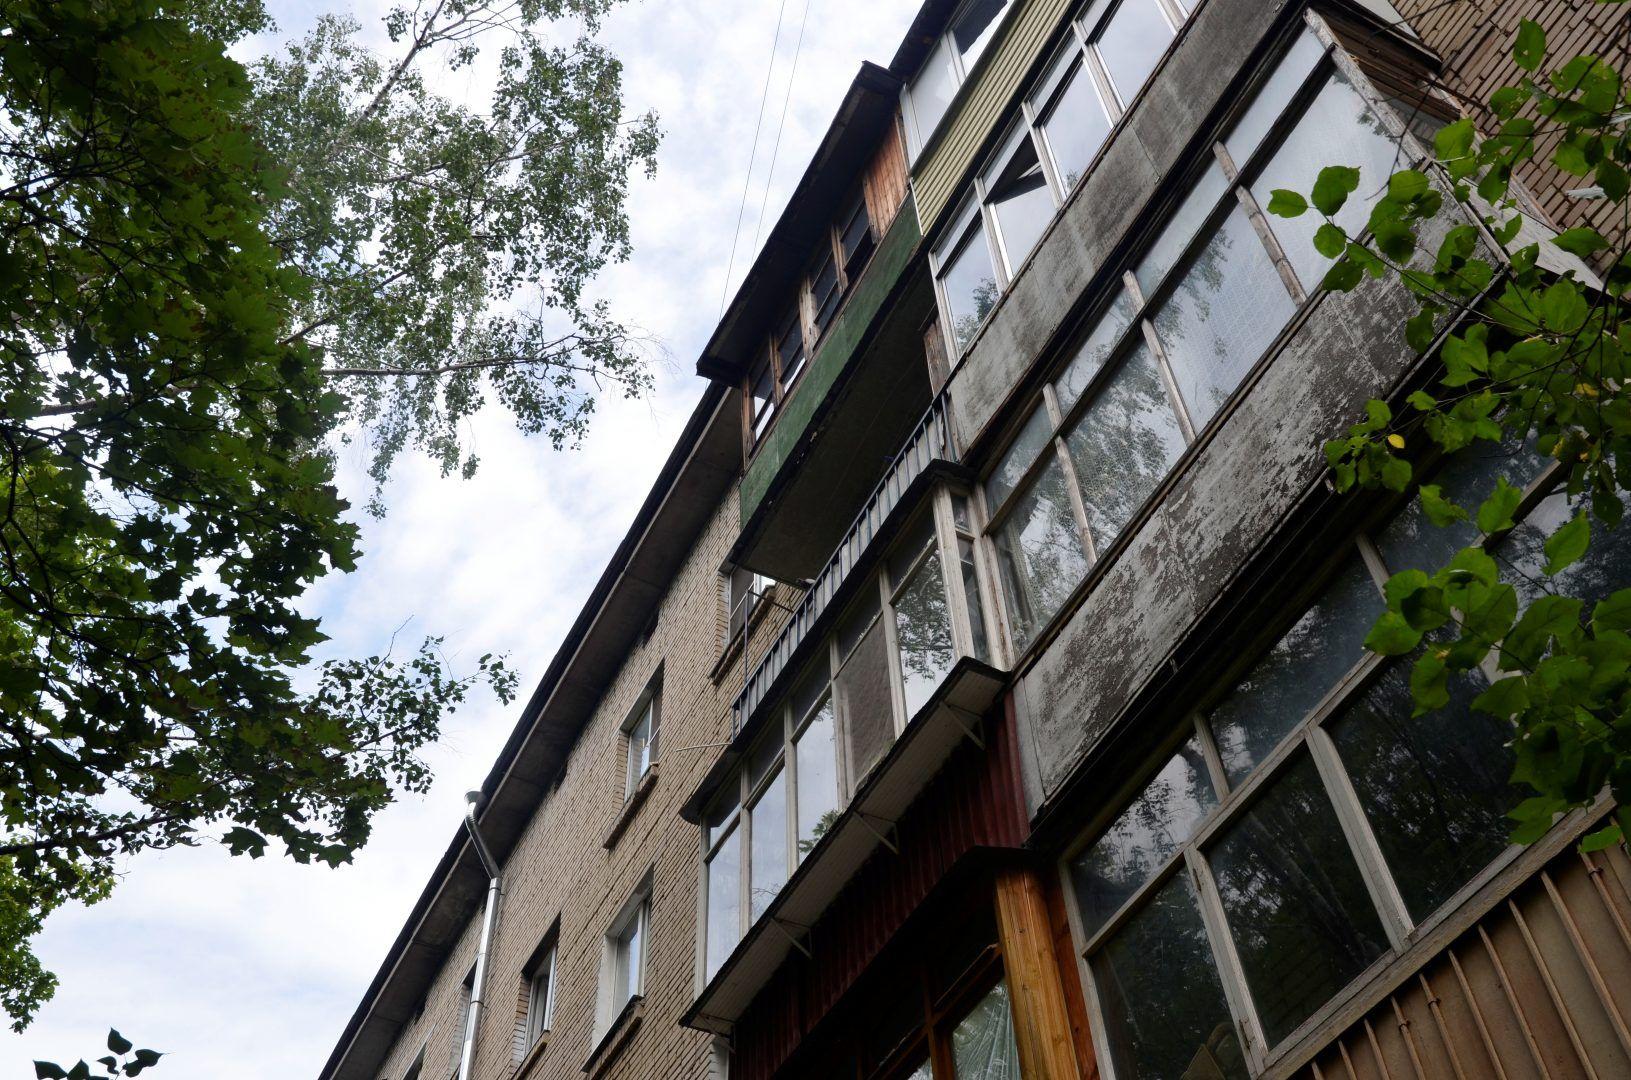 Капитальный ремонт подъездов дома завершили в Шишкином Лесу. Фото: Анна Быкова